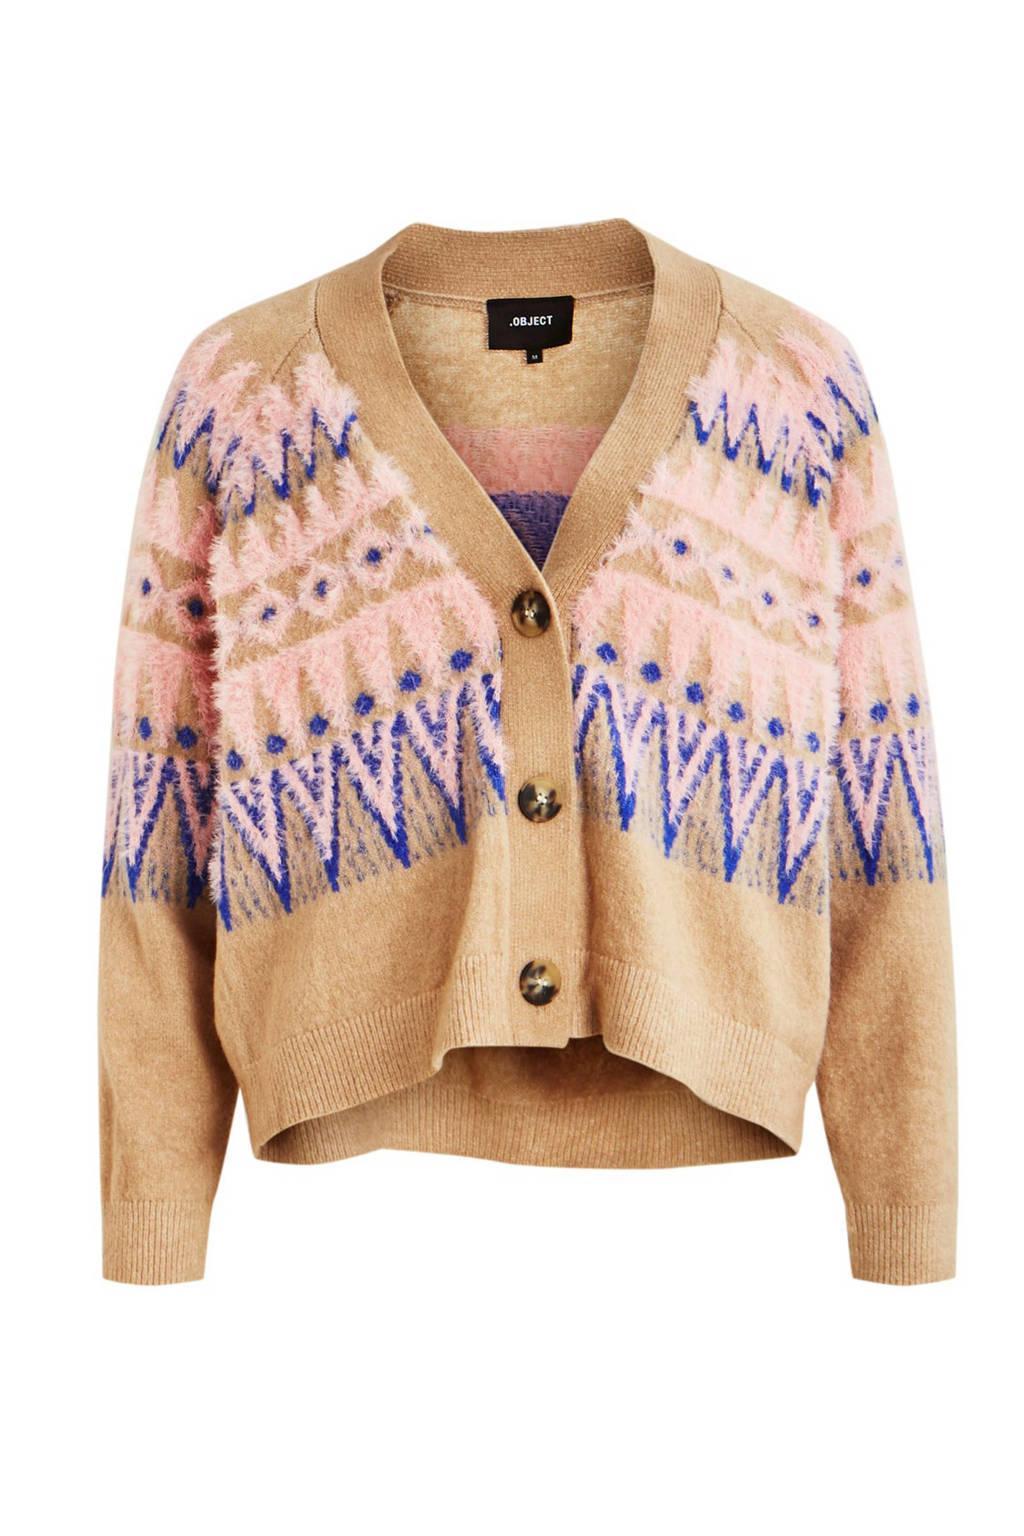 OBJECT gebreid vest met all over print bruin/roze/paars, Bruin/roze/paars